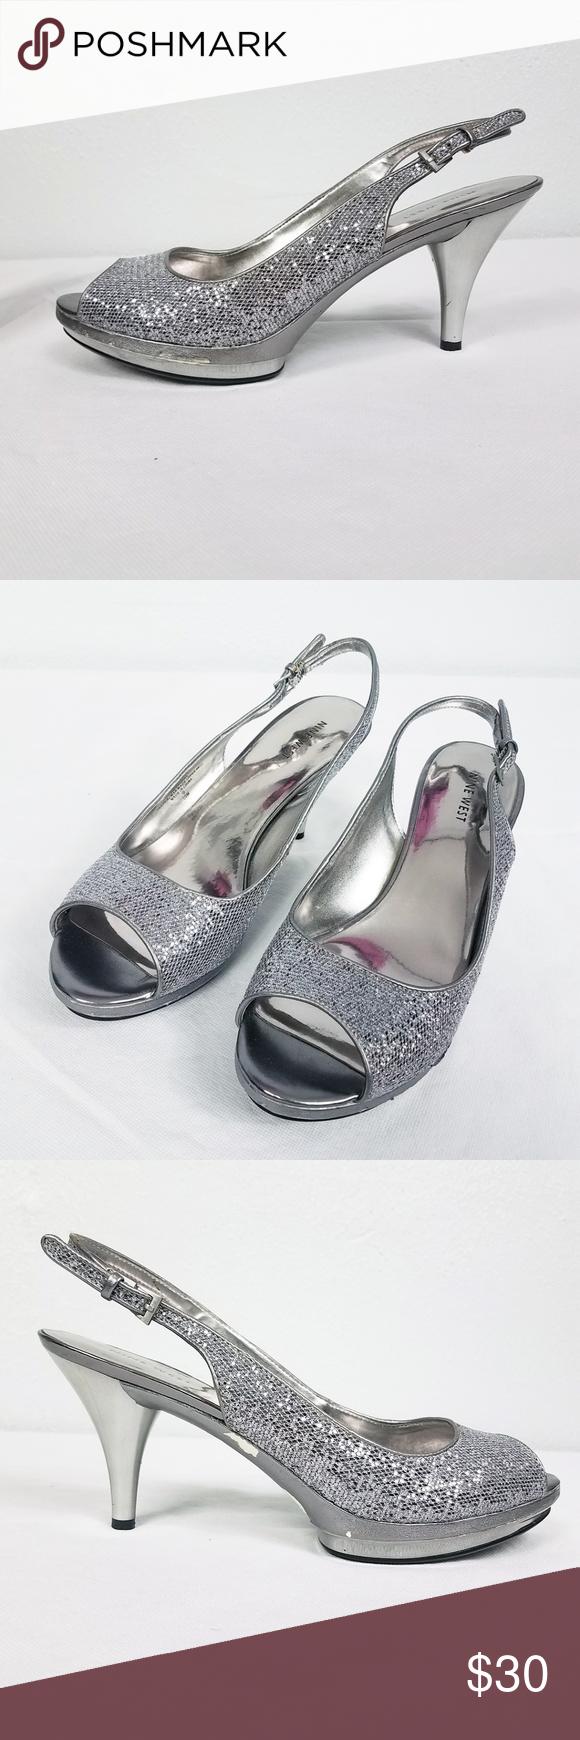 Nine West Silver Women S Sling Back Heels Shoes Heels Shoes Women Heels Shoes Heels